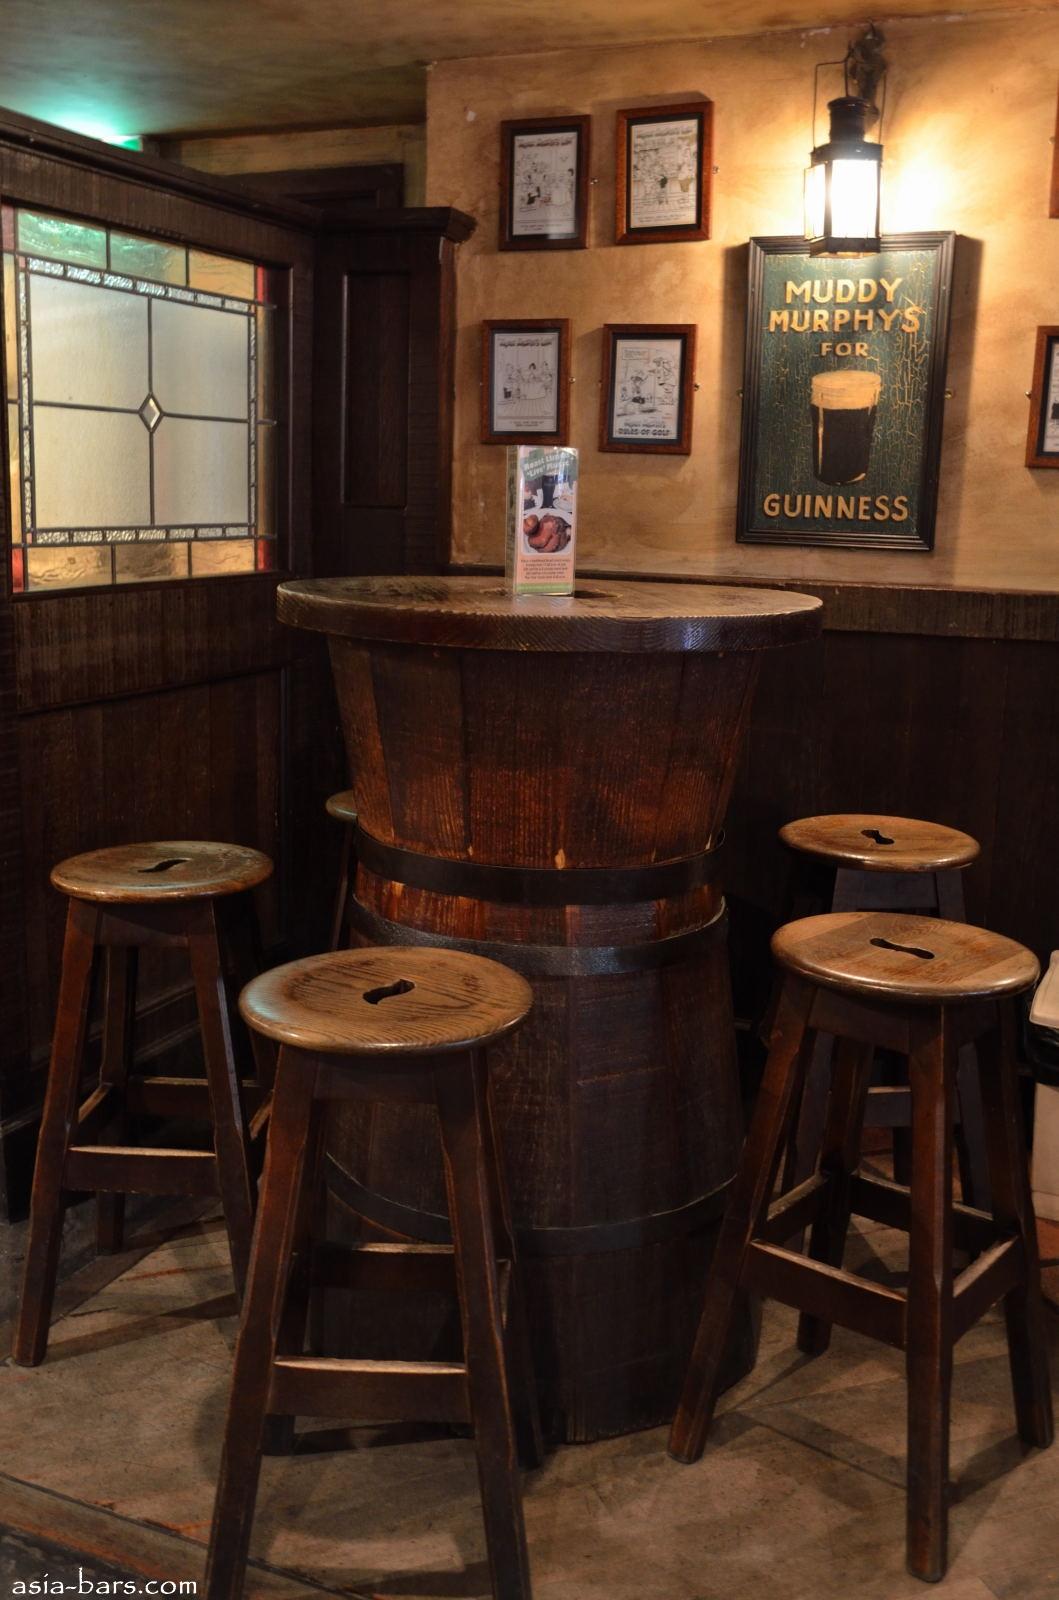 Muddy Murphy S Irish Pub Authentic Irish Pub In The Heart